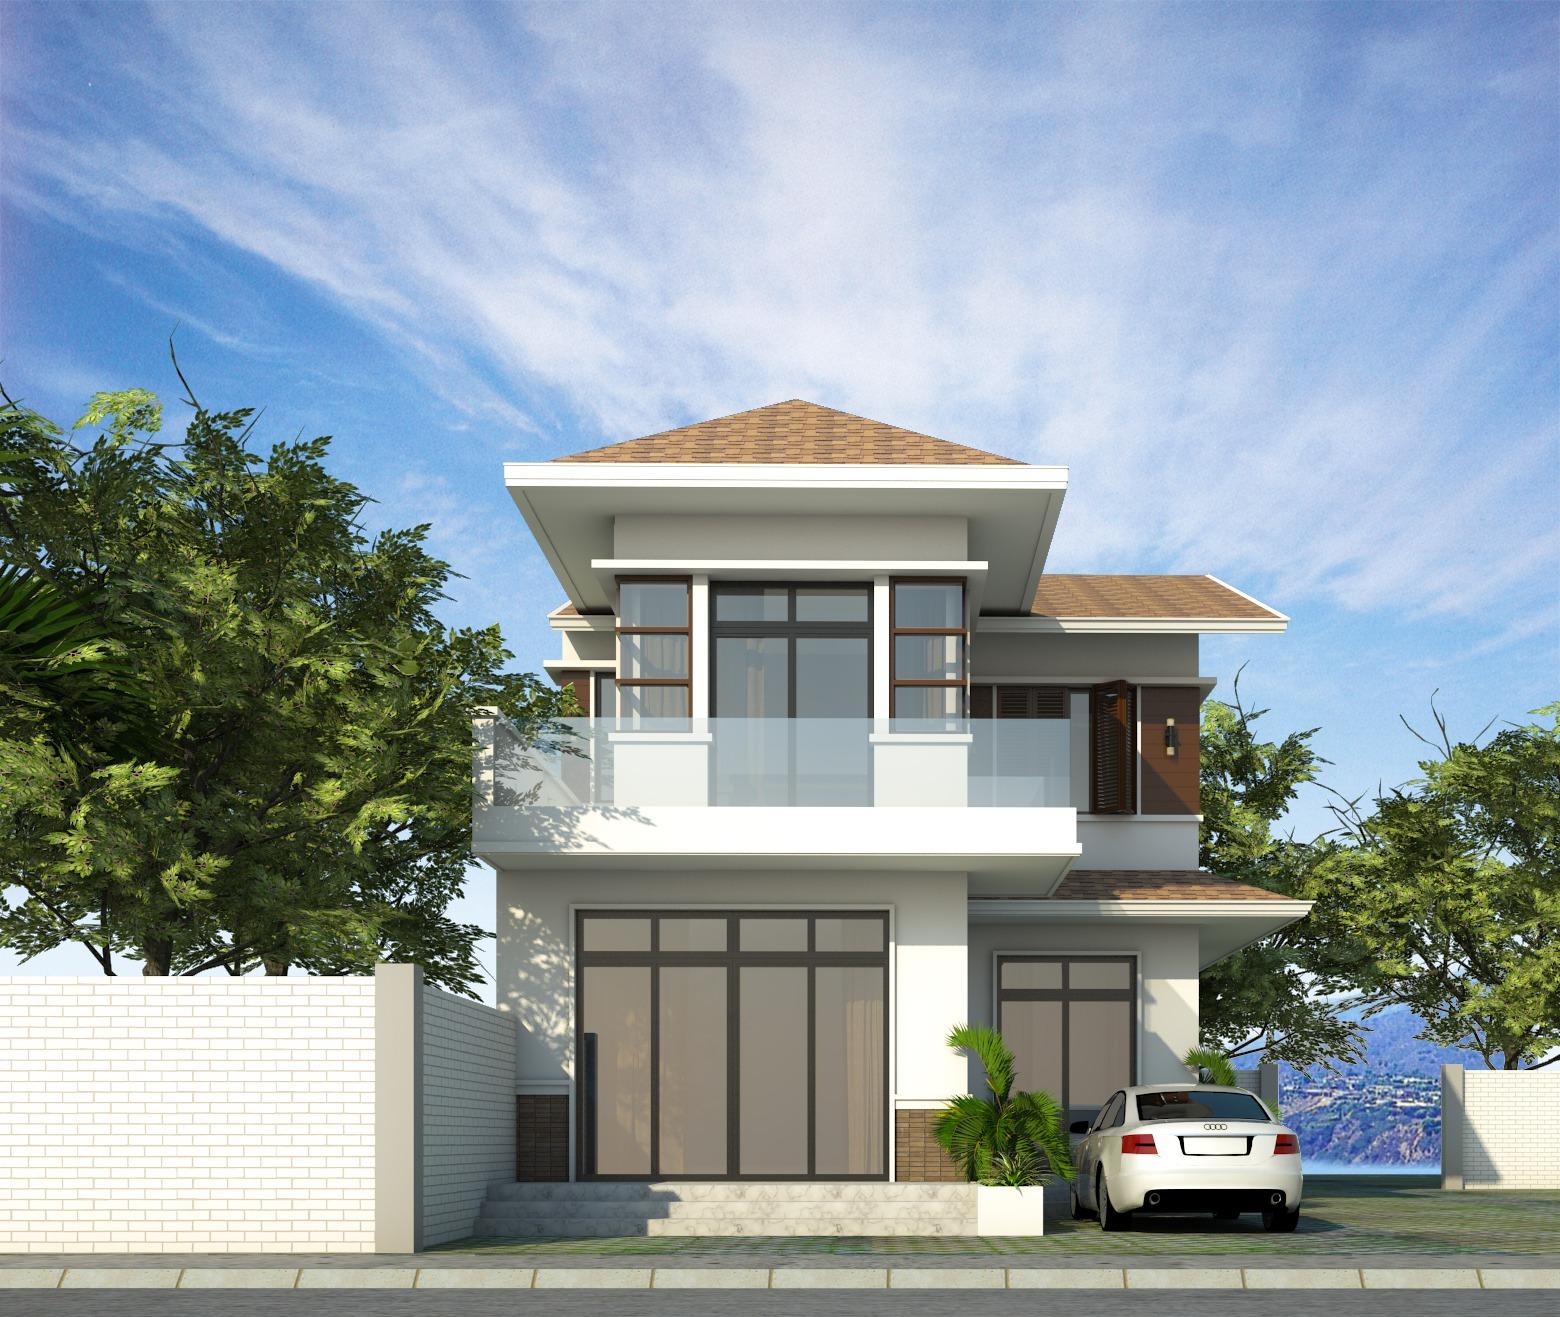 Với tông màu kem nhẹ nhàng tinh tế, khi nhìn từ xa, ngôi nhà sẽ mang đến cảm giác thoáng đãng, rộng rãi